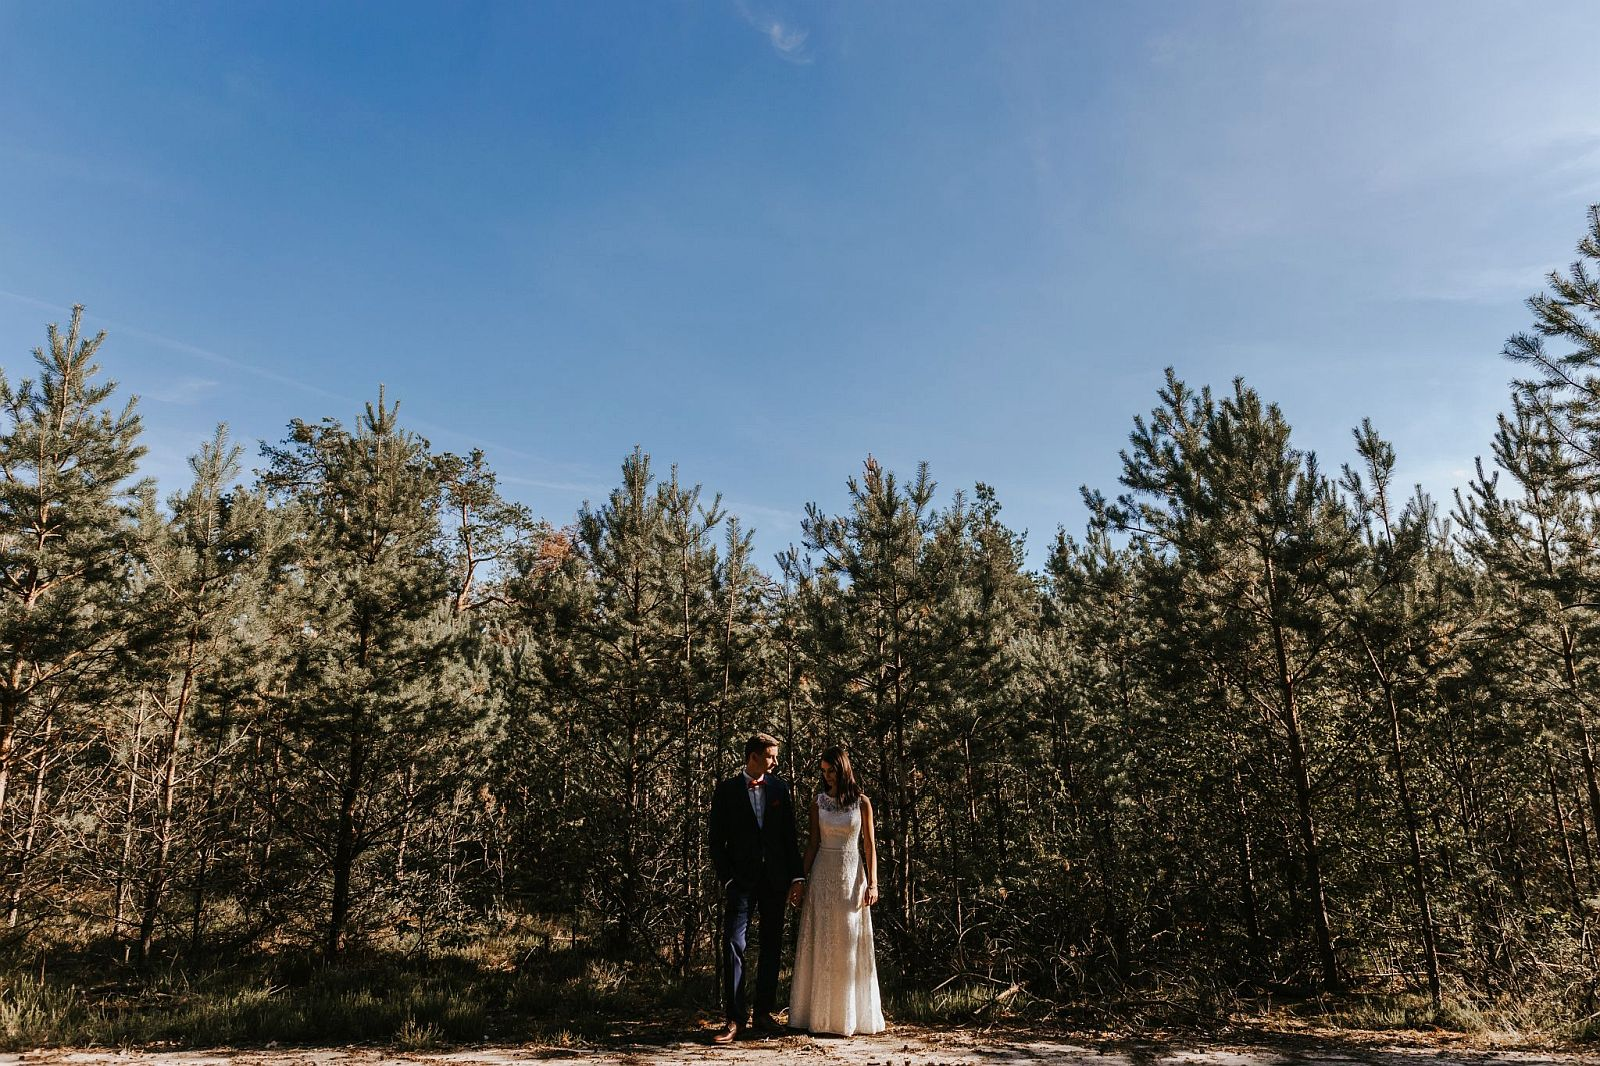 sesja ślubna w lesie w choinkach